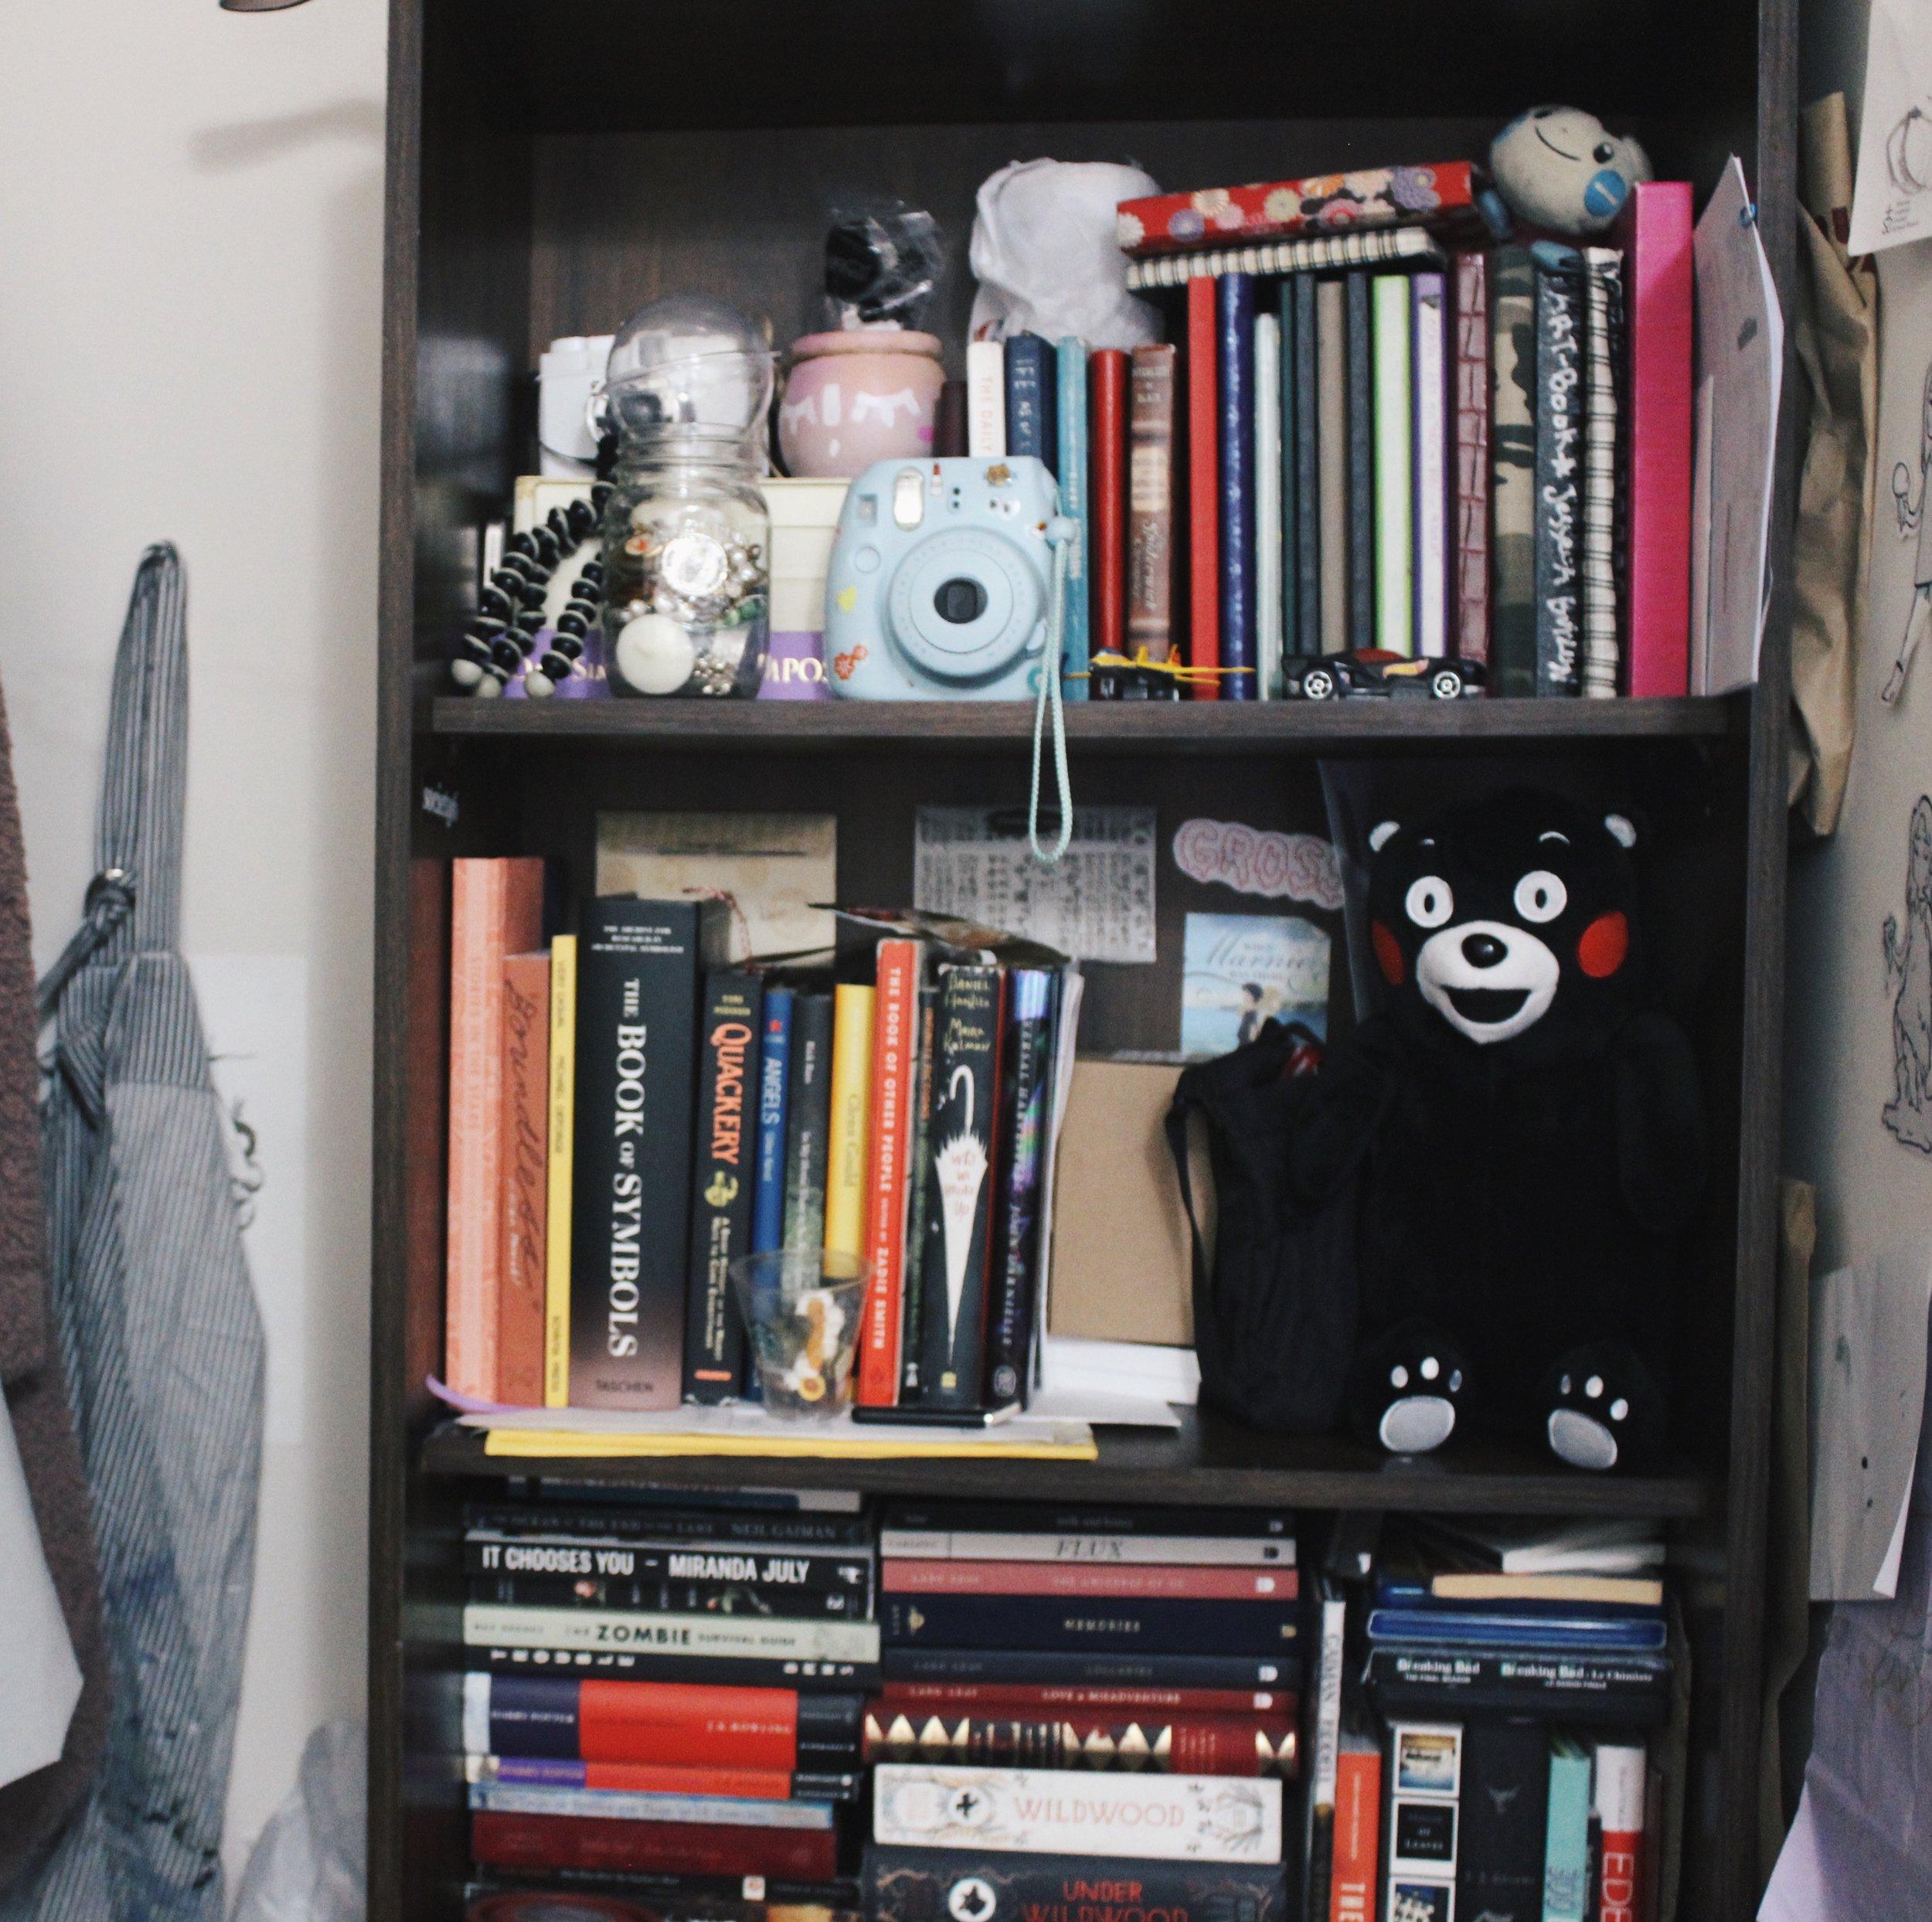 BONUS: My book shelf and one of my favourite characters, Kumamon.